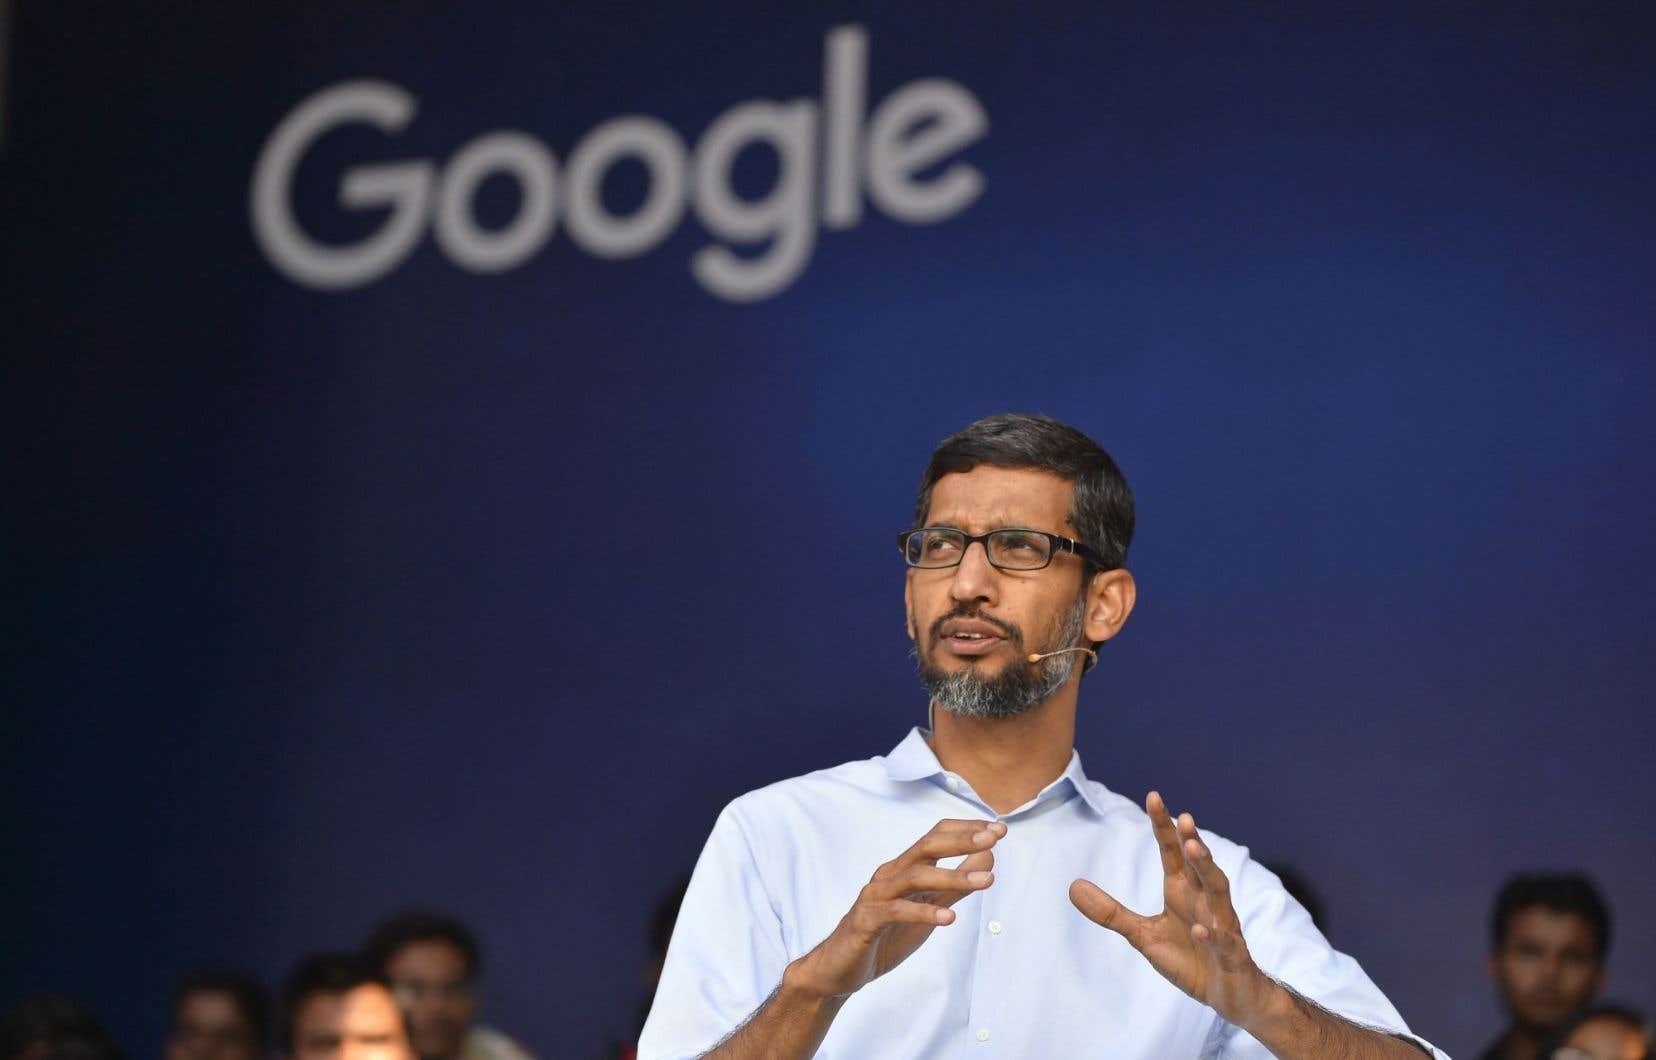 Le haut du classement est occupé par le p.-d.g. d'Alphabet, maison mère de Google, Sundar Pichai.